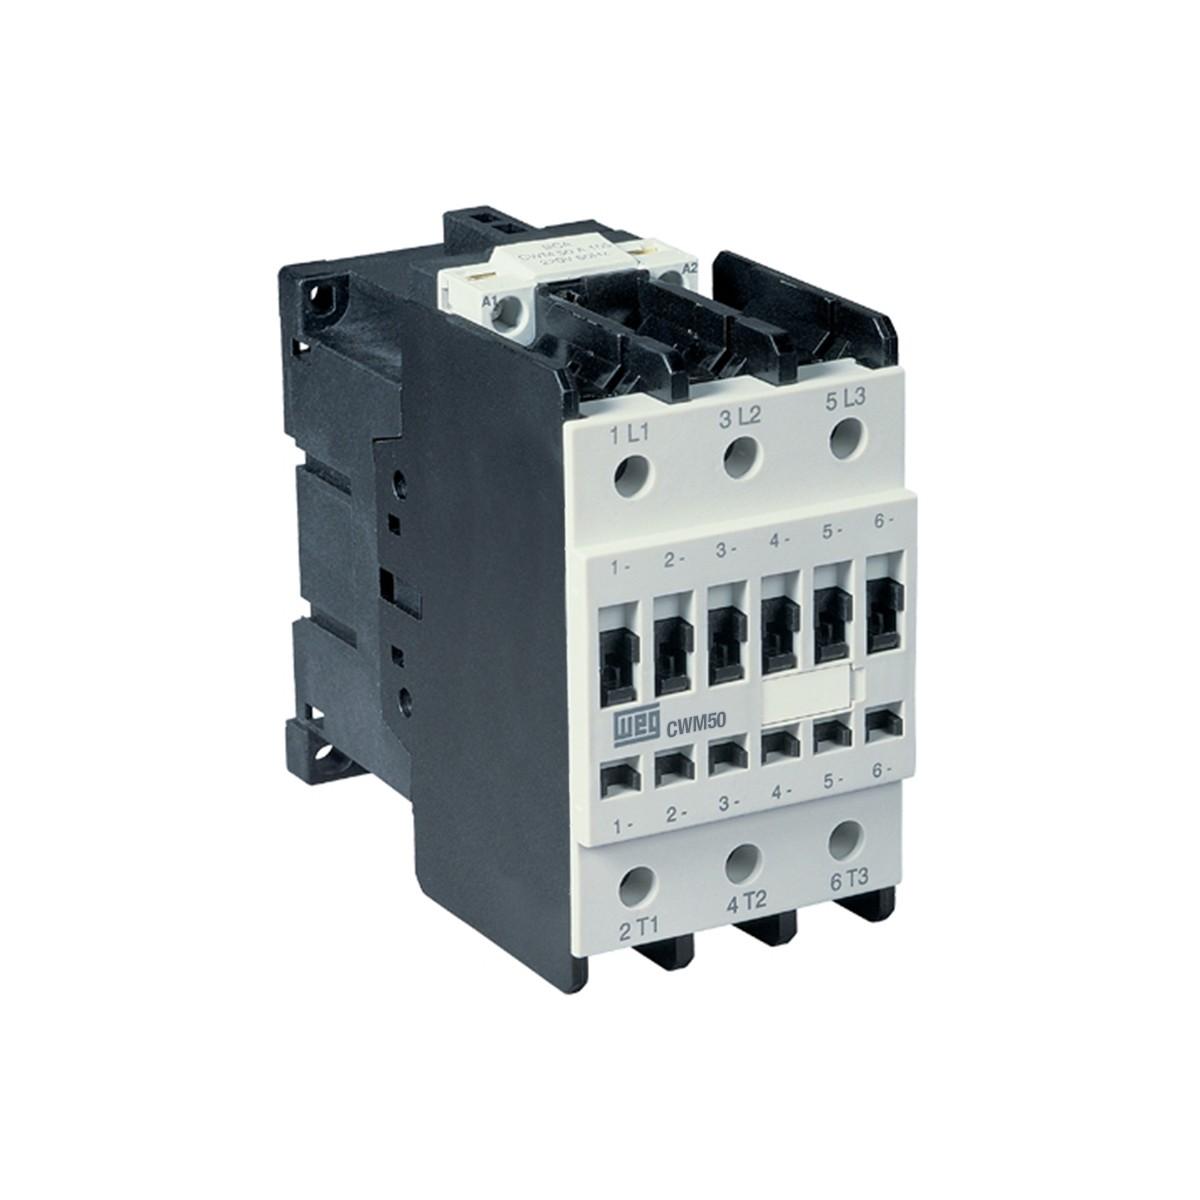 Contator de Potencia Trifasico 500A 325V 50 Hz e 380V 60 Hz - WEG